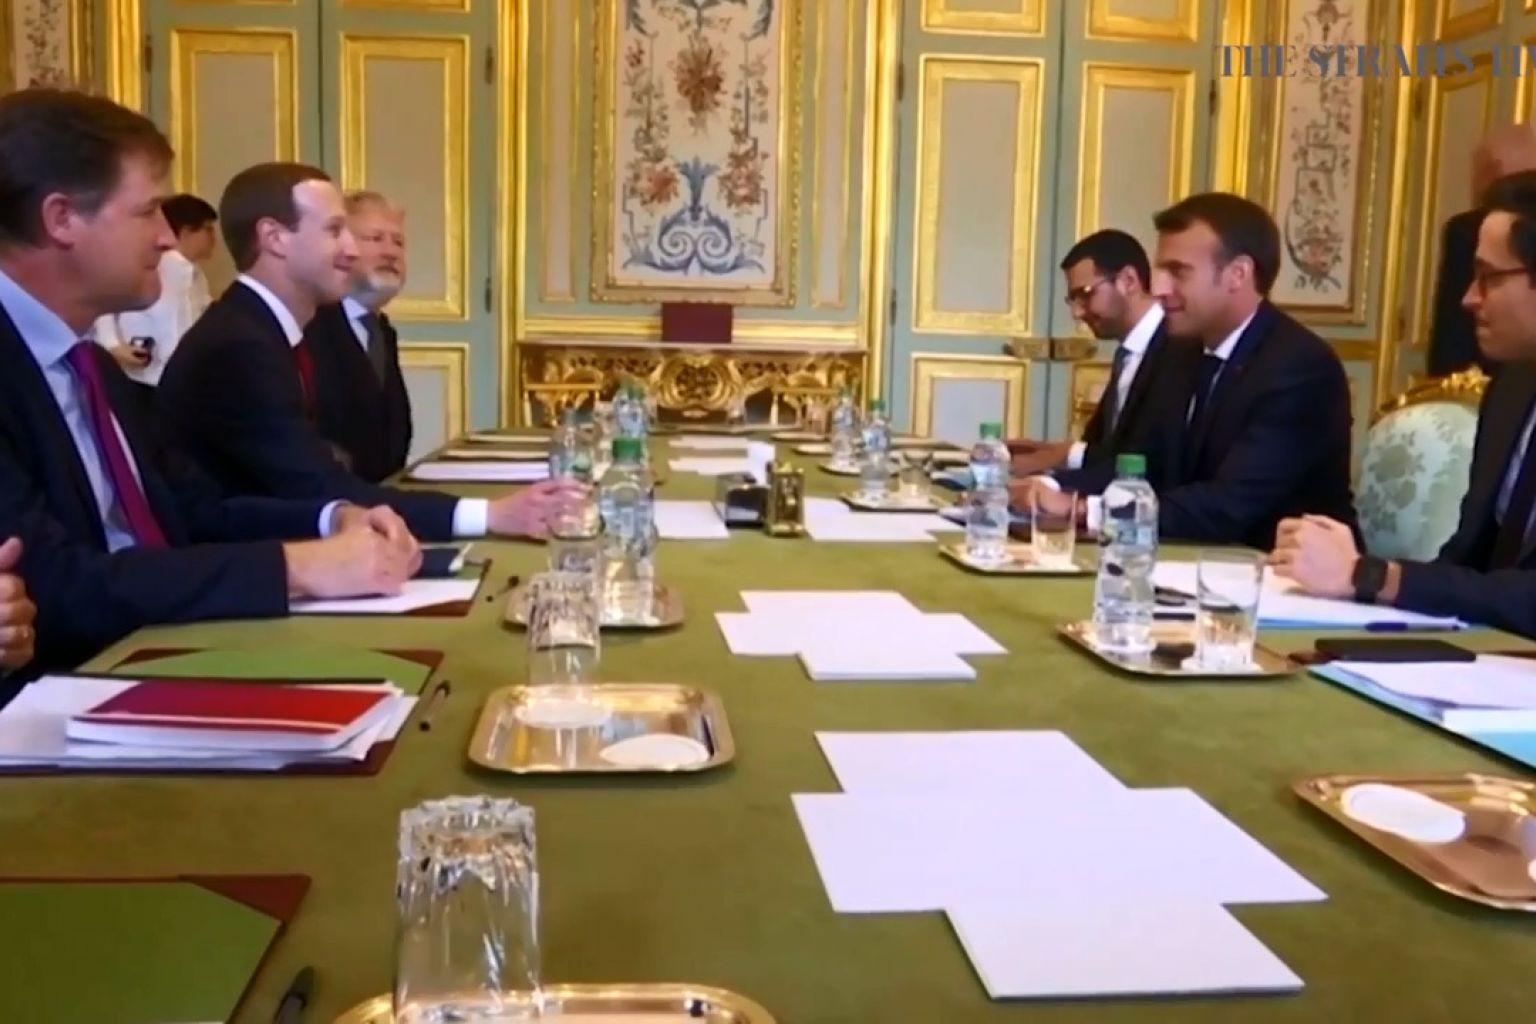 اجتماع مارك زوكربيرج الرئيس التنفيذى لشركة فيس بوك وإيمانويل ماكرون بشأن تسليم البيانات